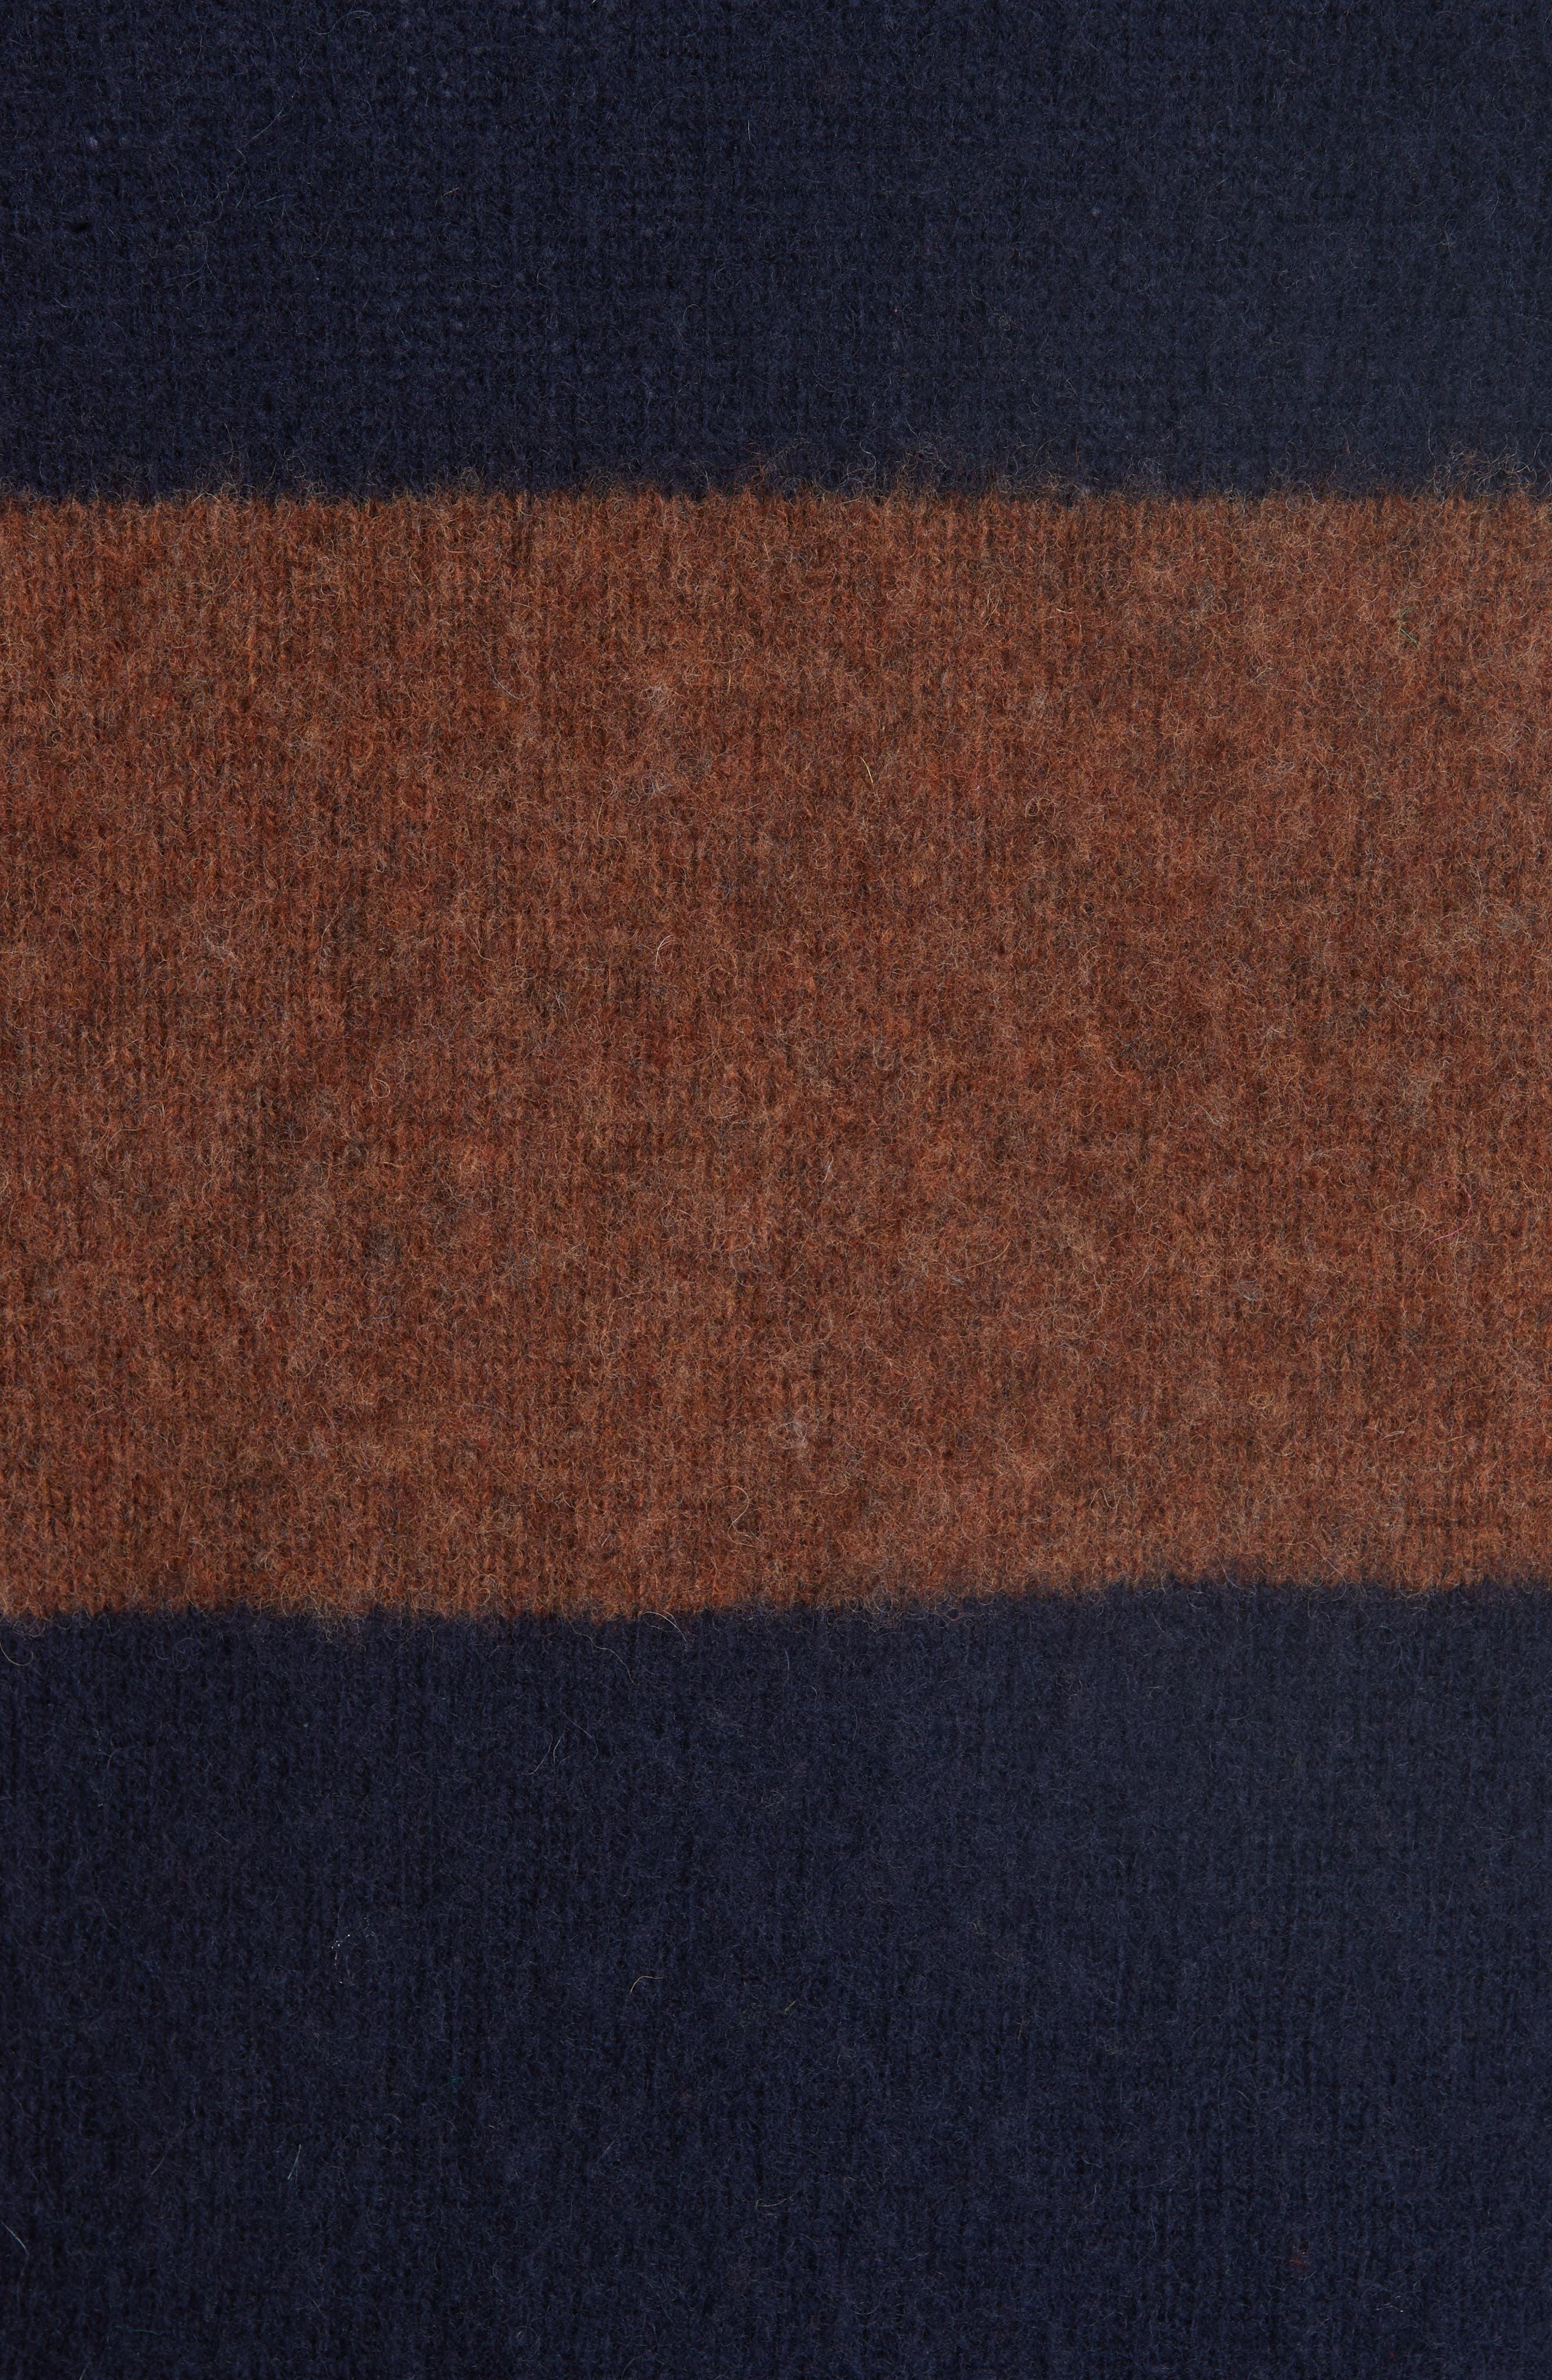 Officine Générale Stripe Wool Crew Sweater,                             Alternate thumbnail 5, color,                             411